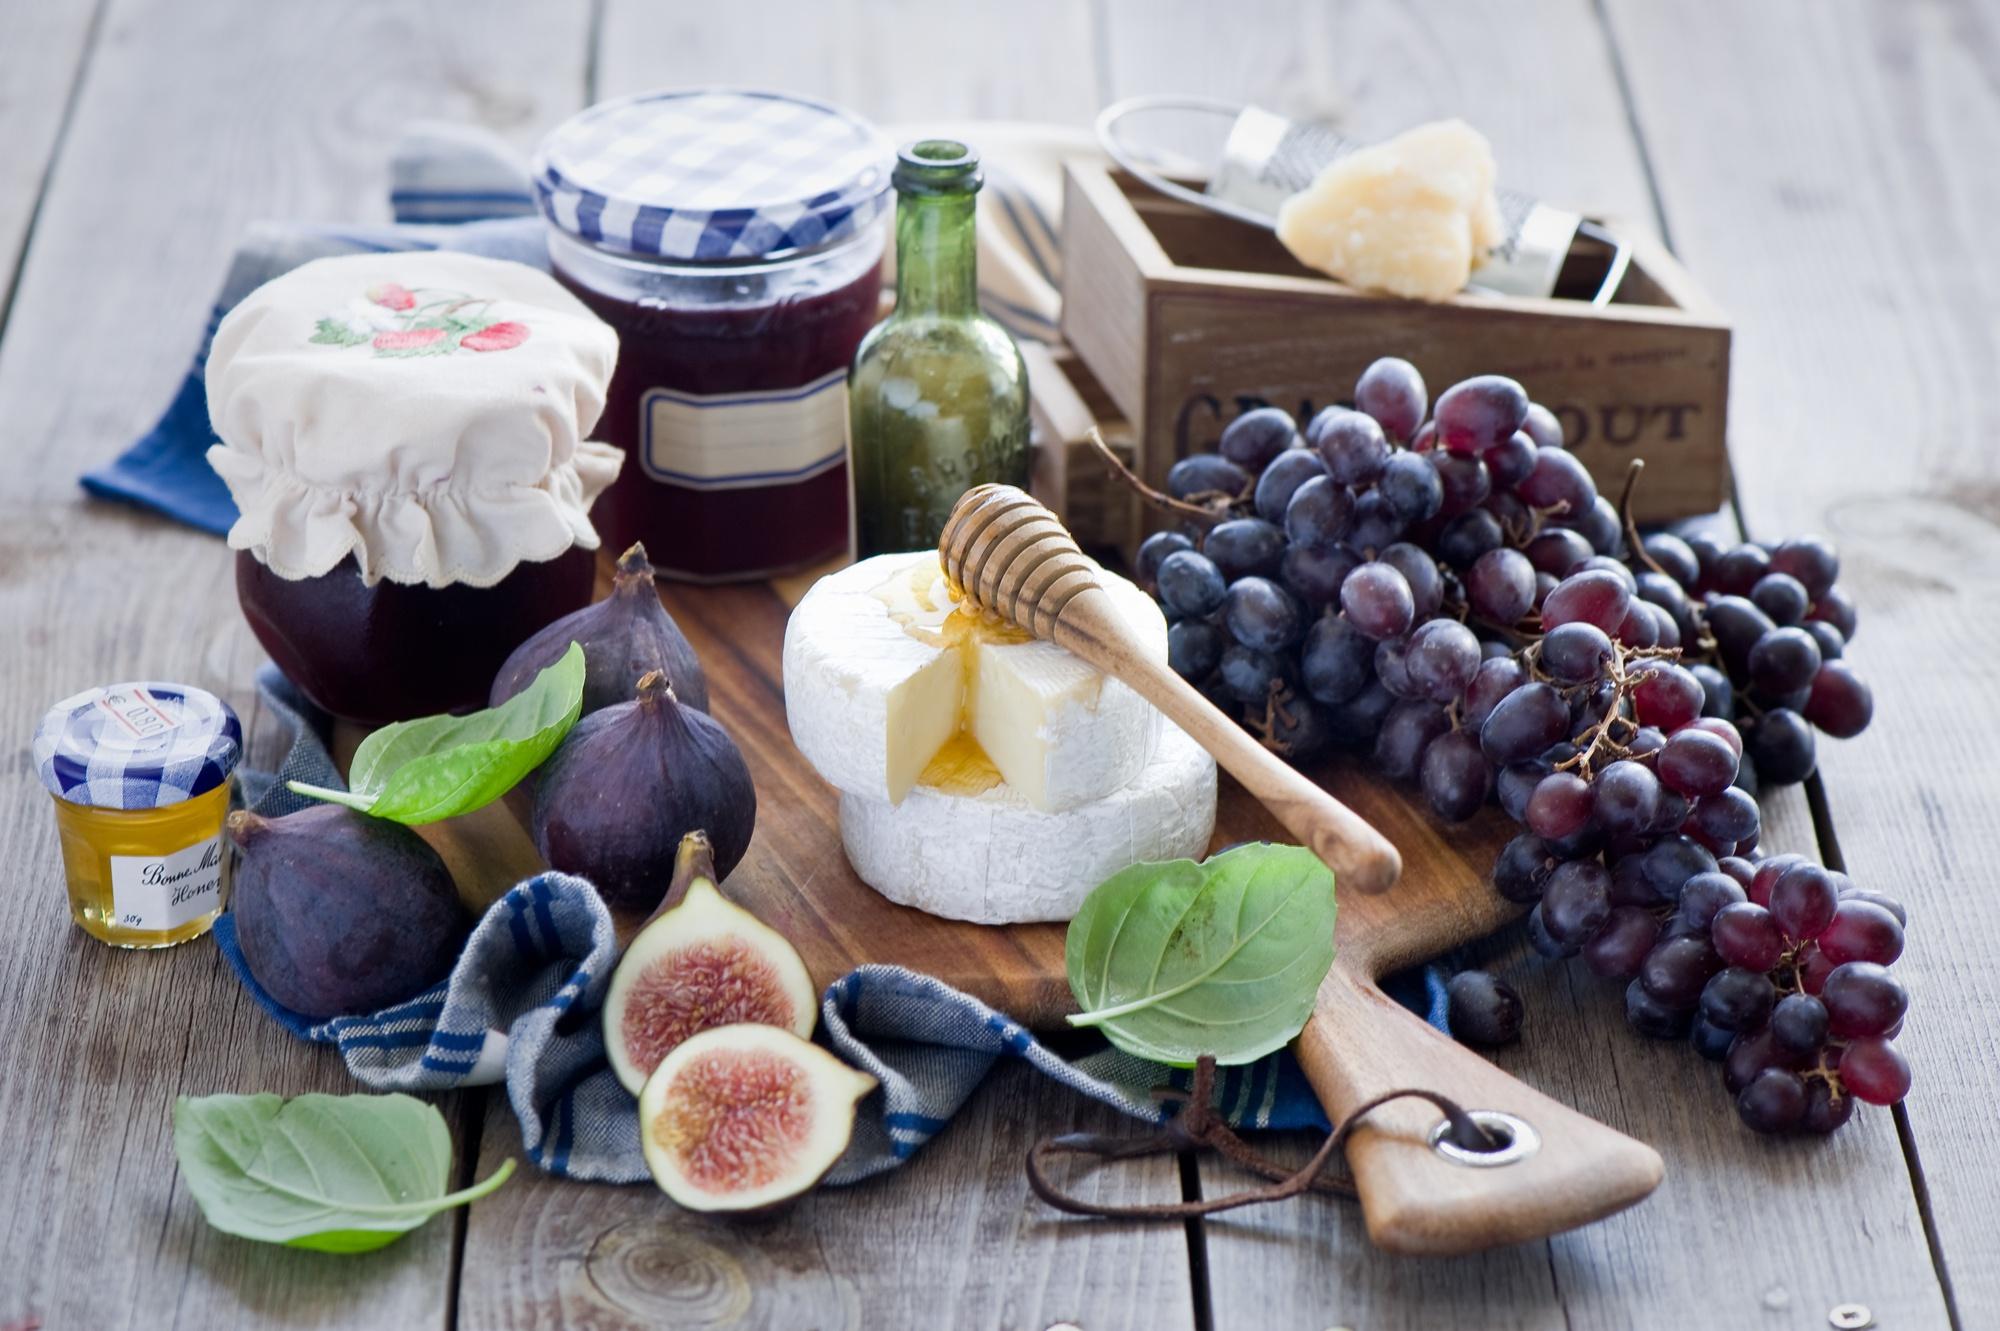 еда чай пирожные виноград  № 377963 бесплатно